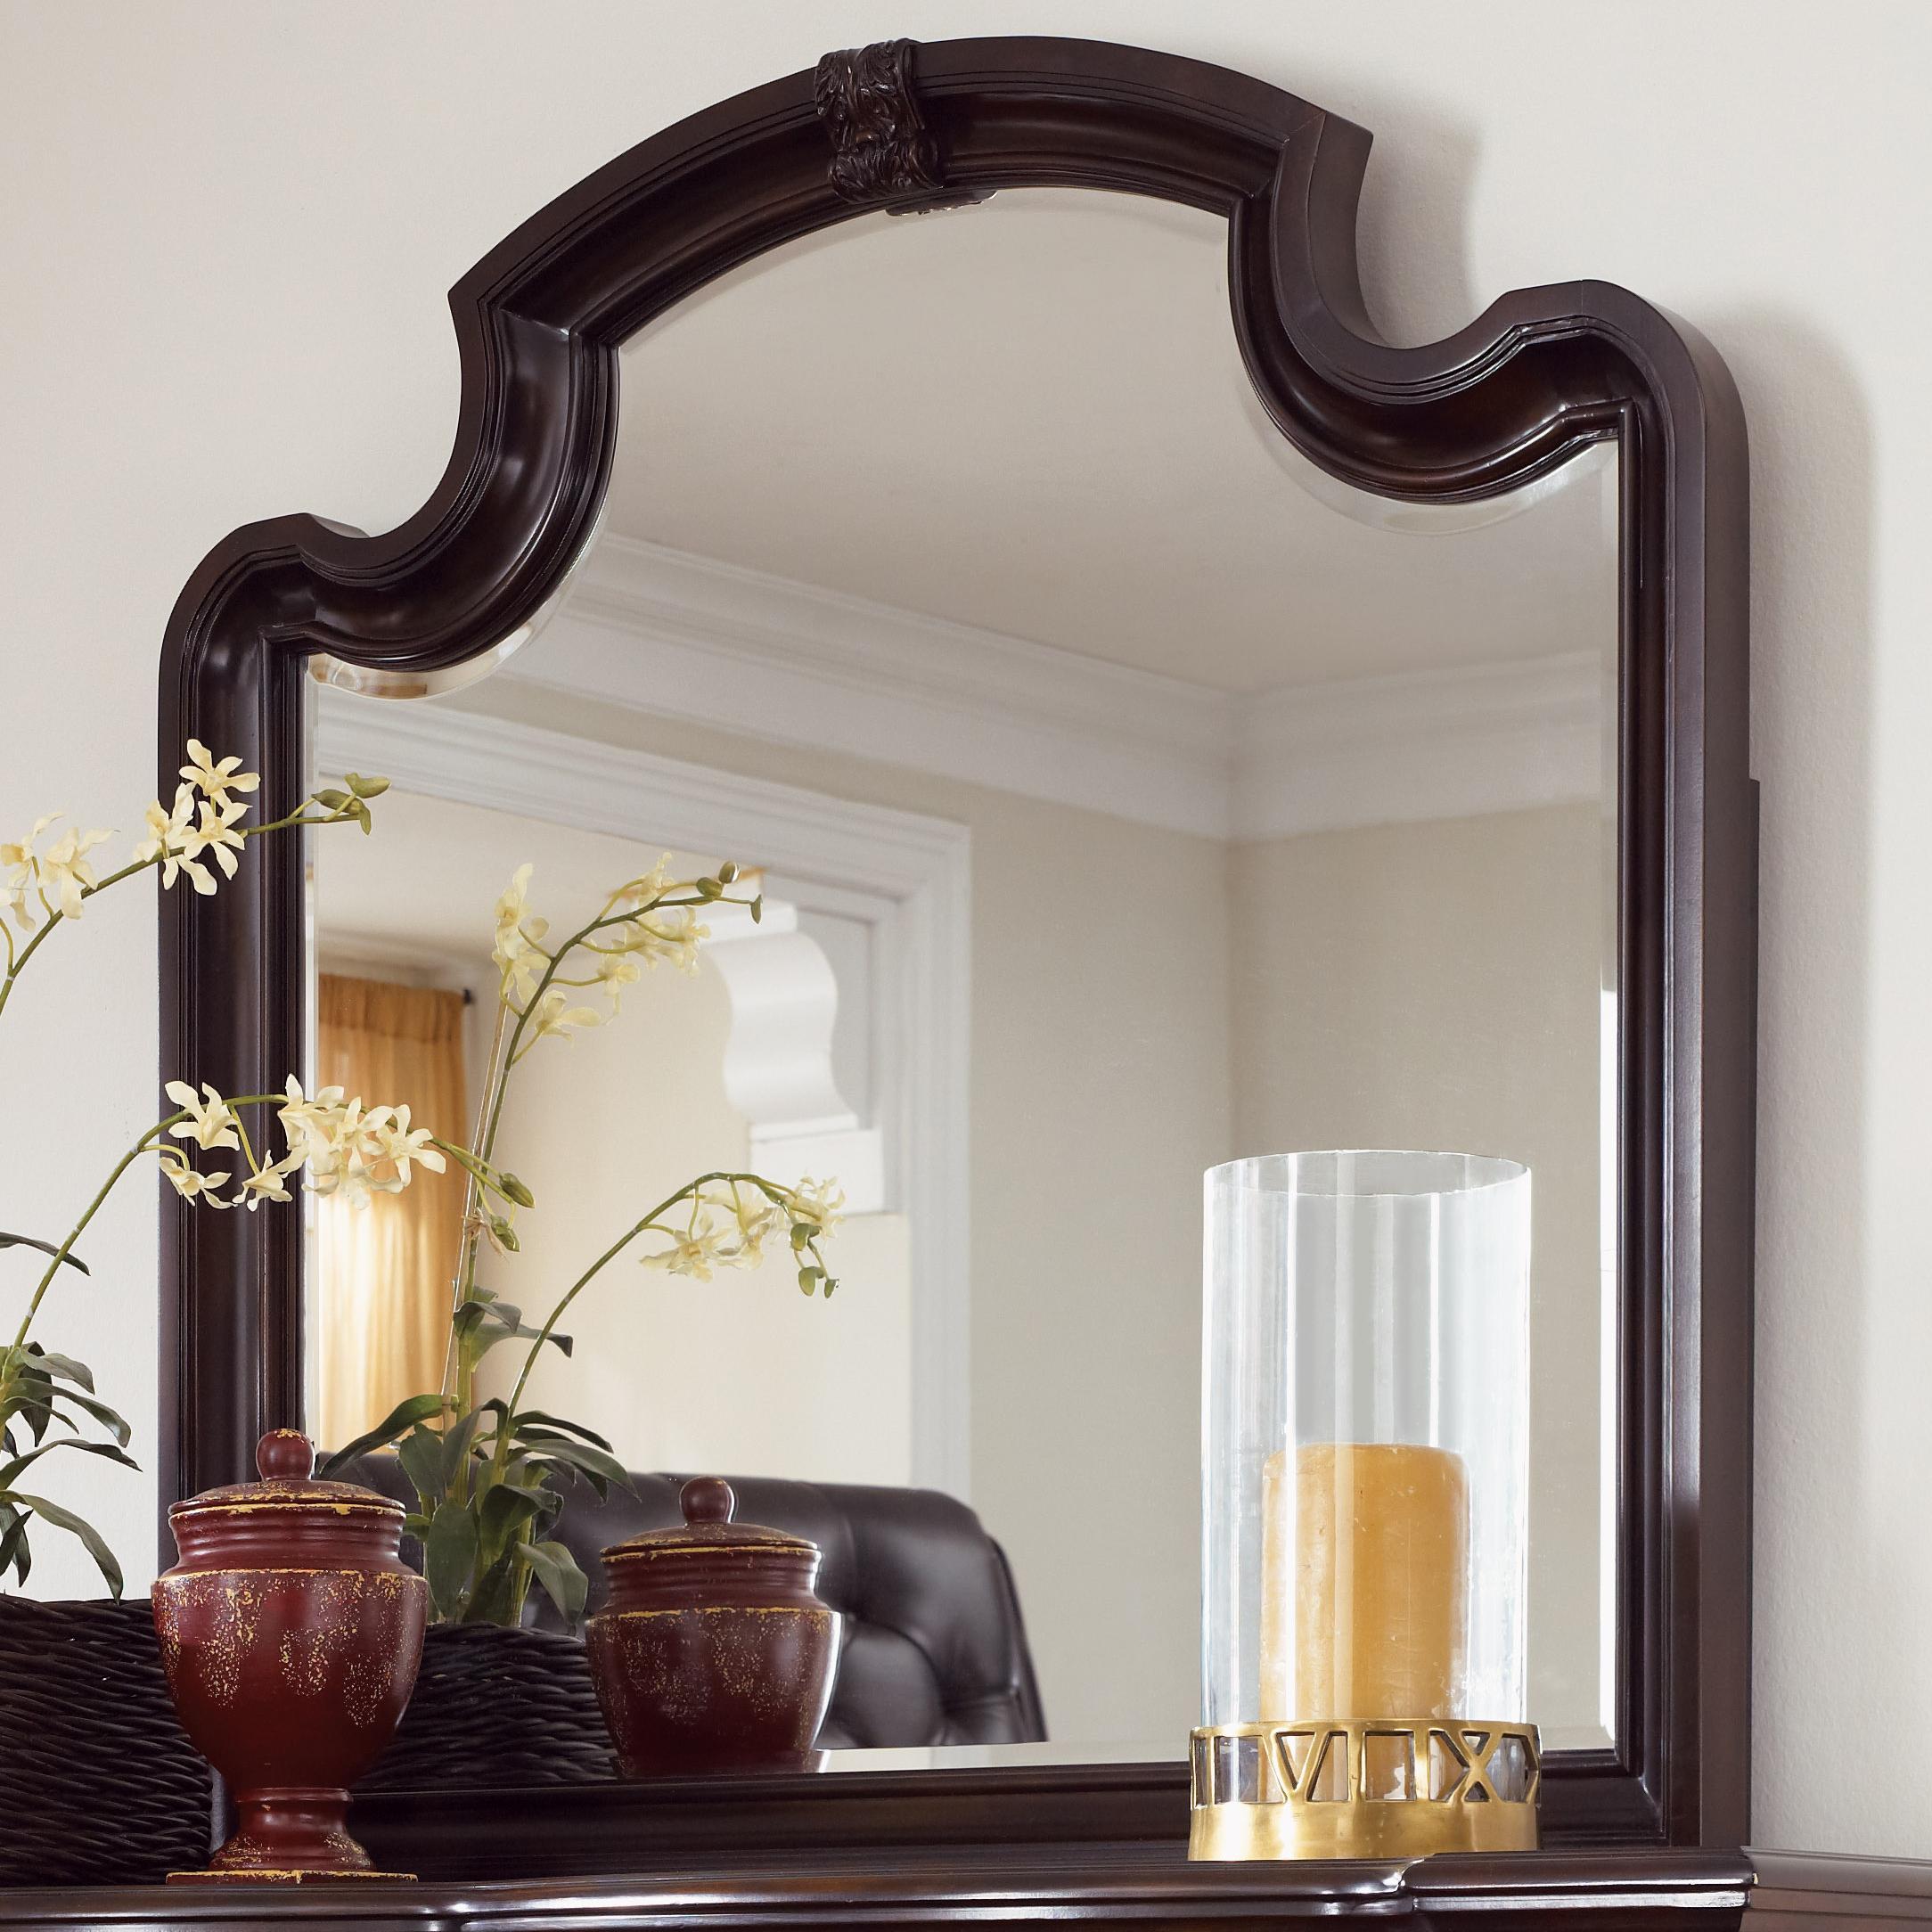 Fairmont Designs Grand Estates Mirror - Item Number: C7002-06